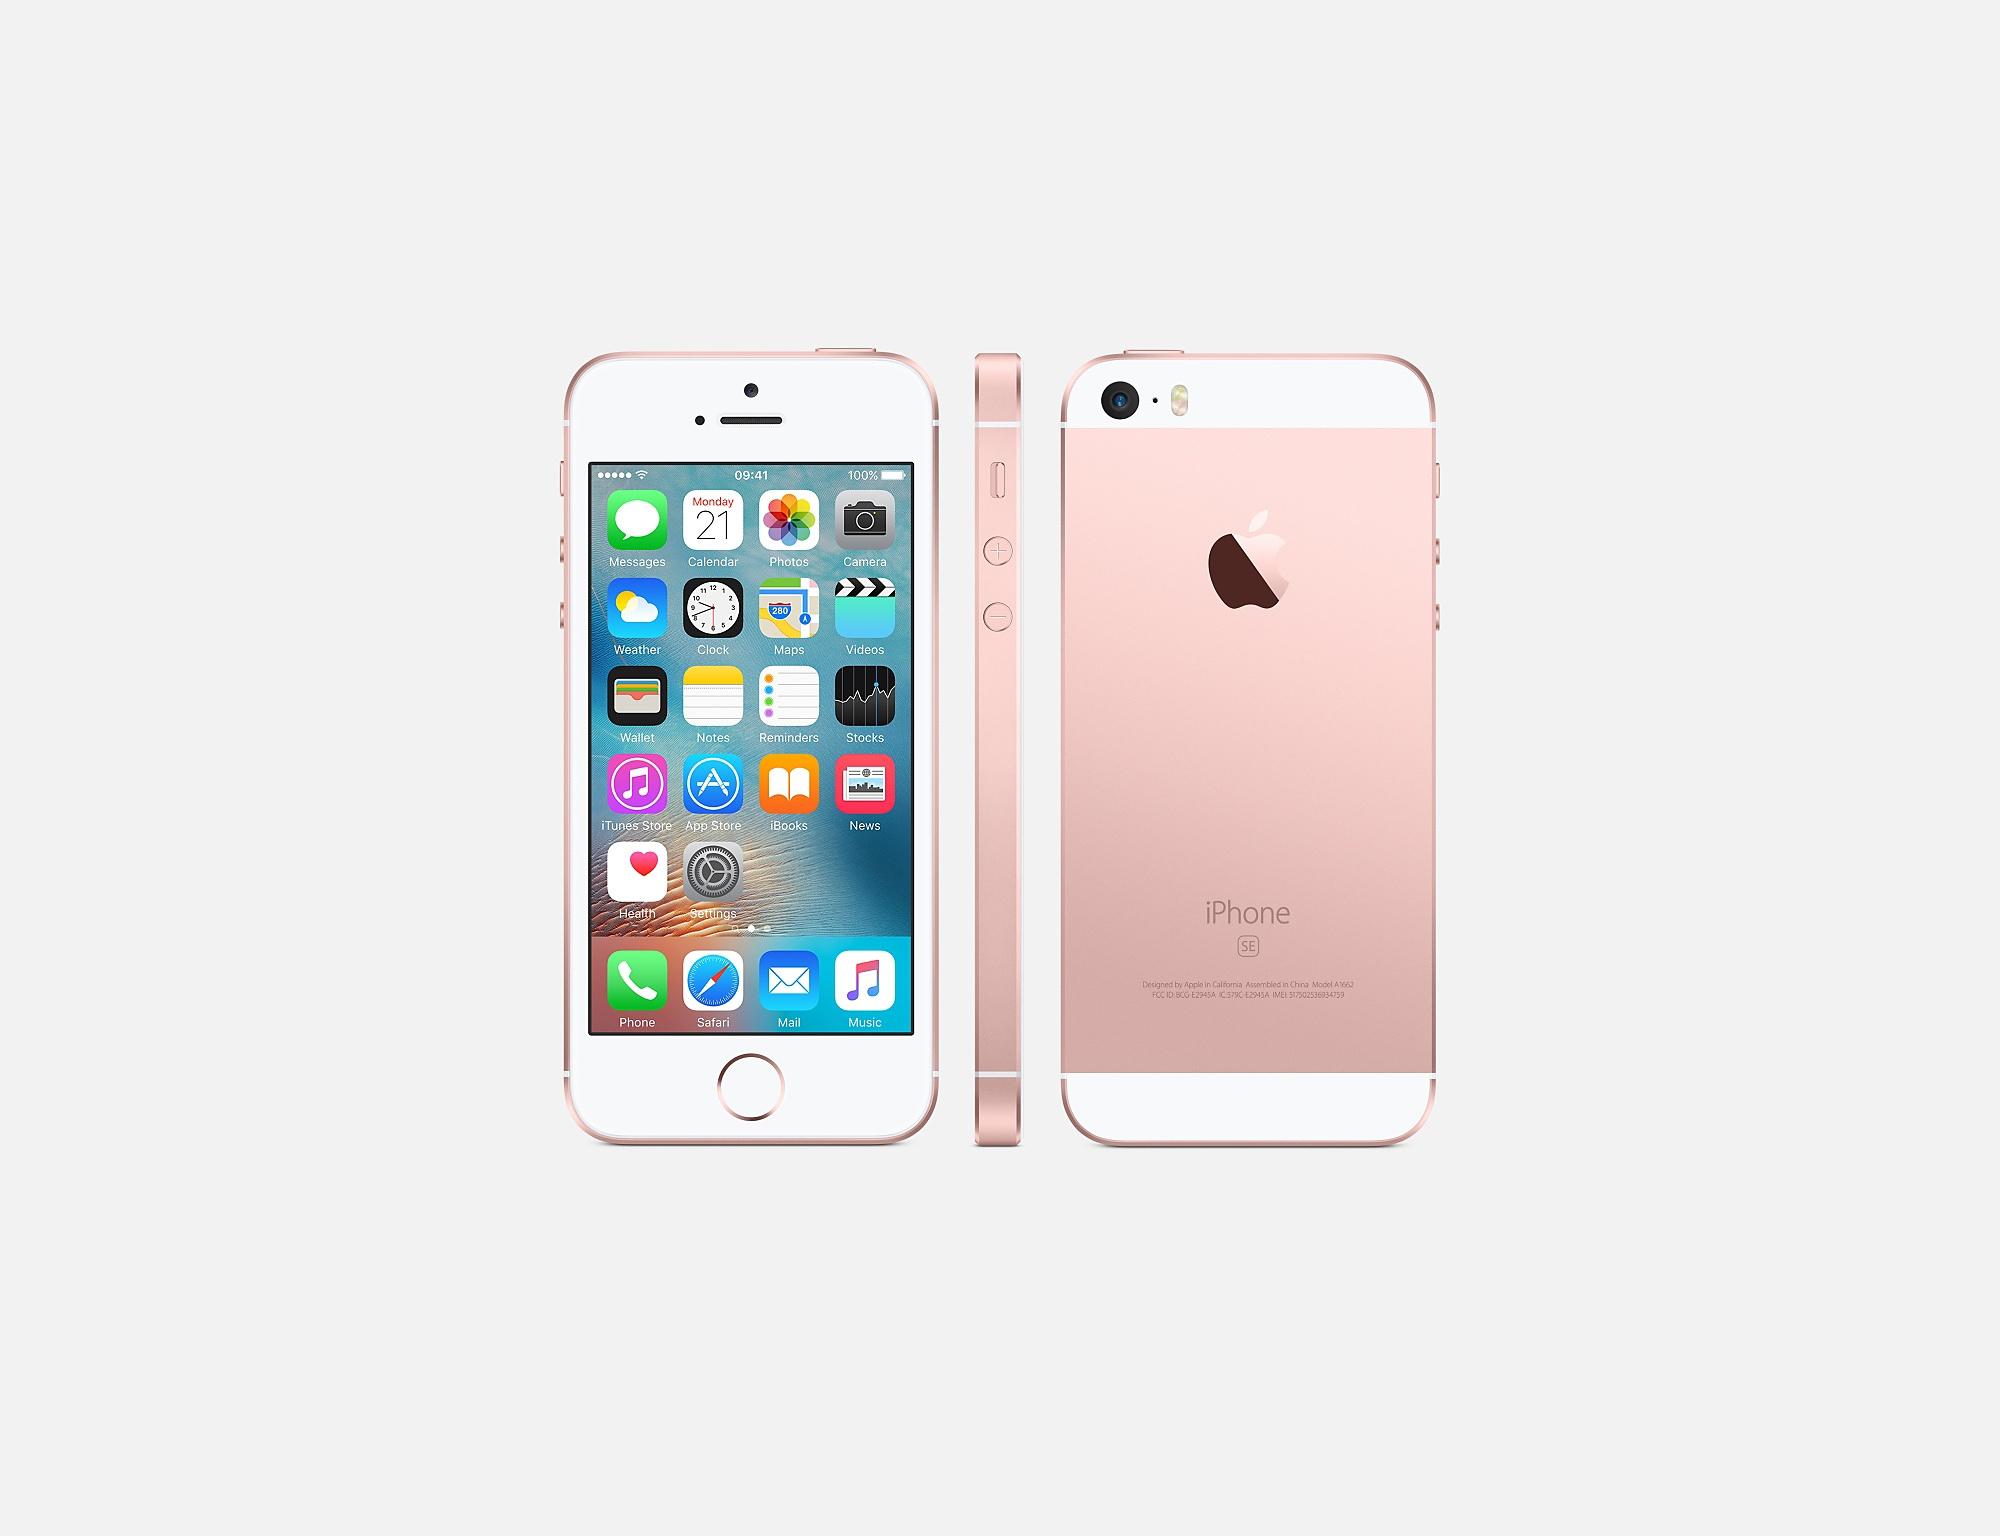 Apple iPhone SE: Precio, características y donde comprar